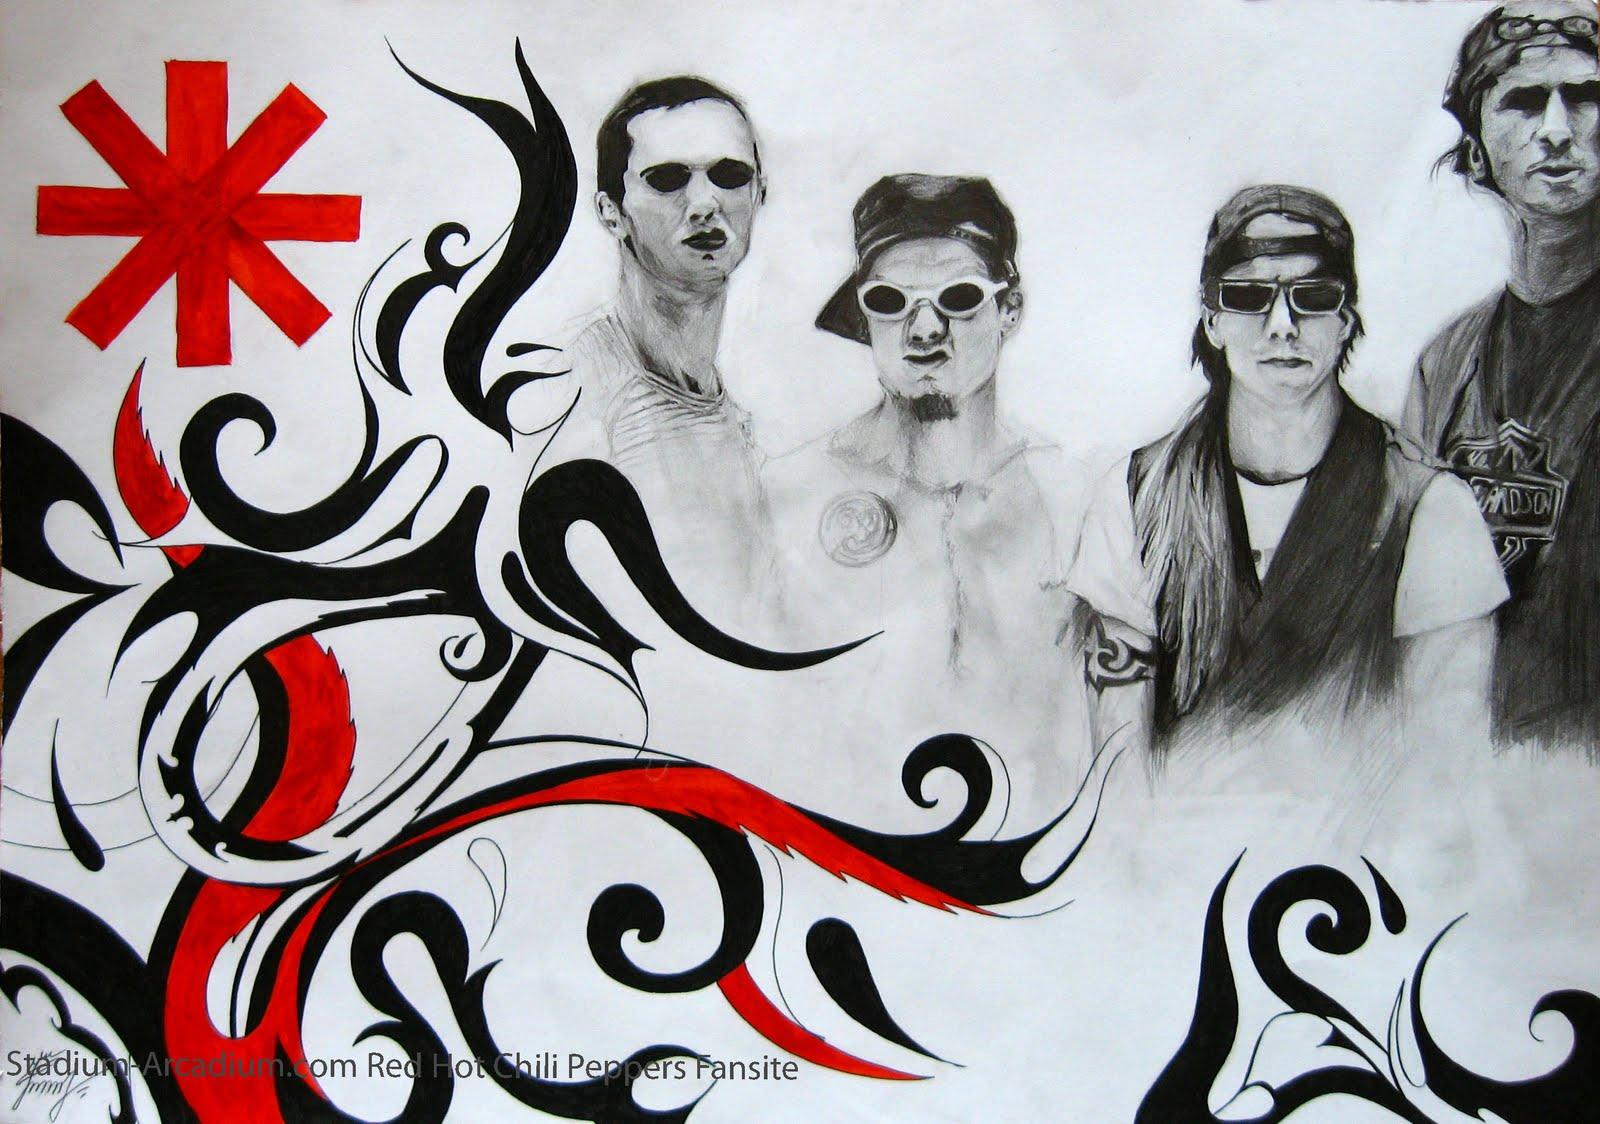 http://2.bp.blogspot.com/-HEqhYExhuWo/TsccvznxVNI/AAAAAAAAA1A/C0gbvnlmv08/s1600/red-a-chili-peppers-wallpaper-hd-14-771616.jpg